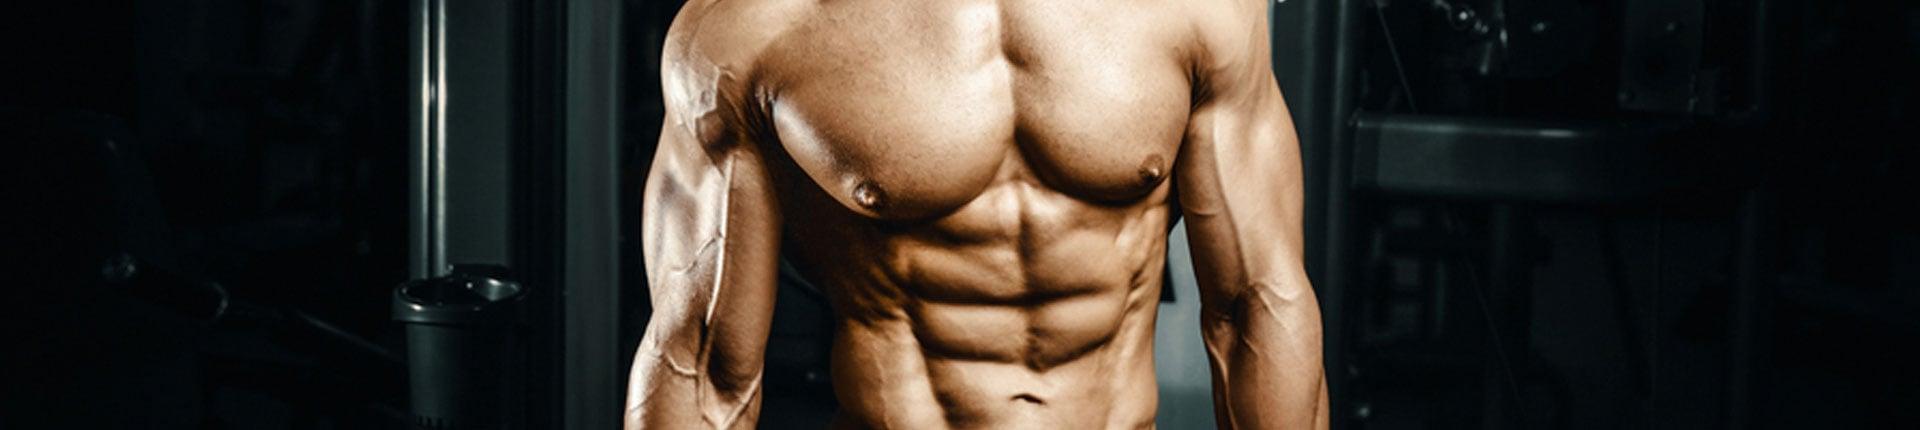 Czy cytrulina buduje mięśnie? Cytrulina zamiast białka?